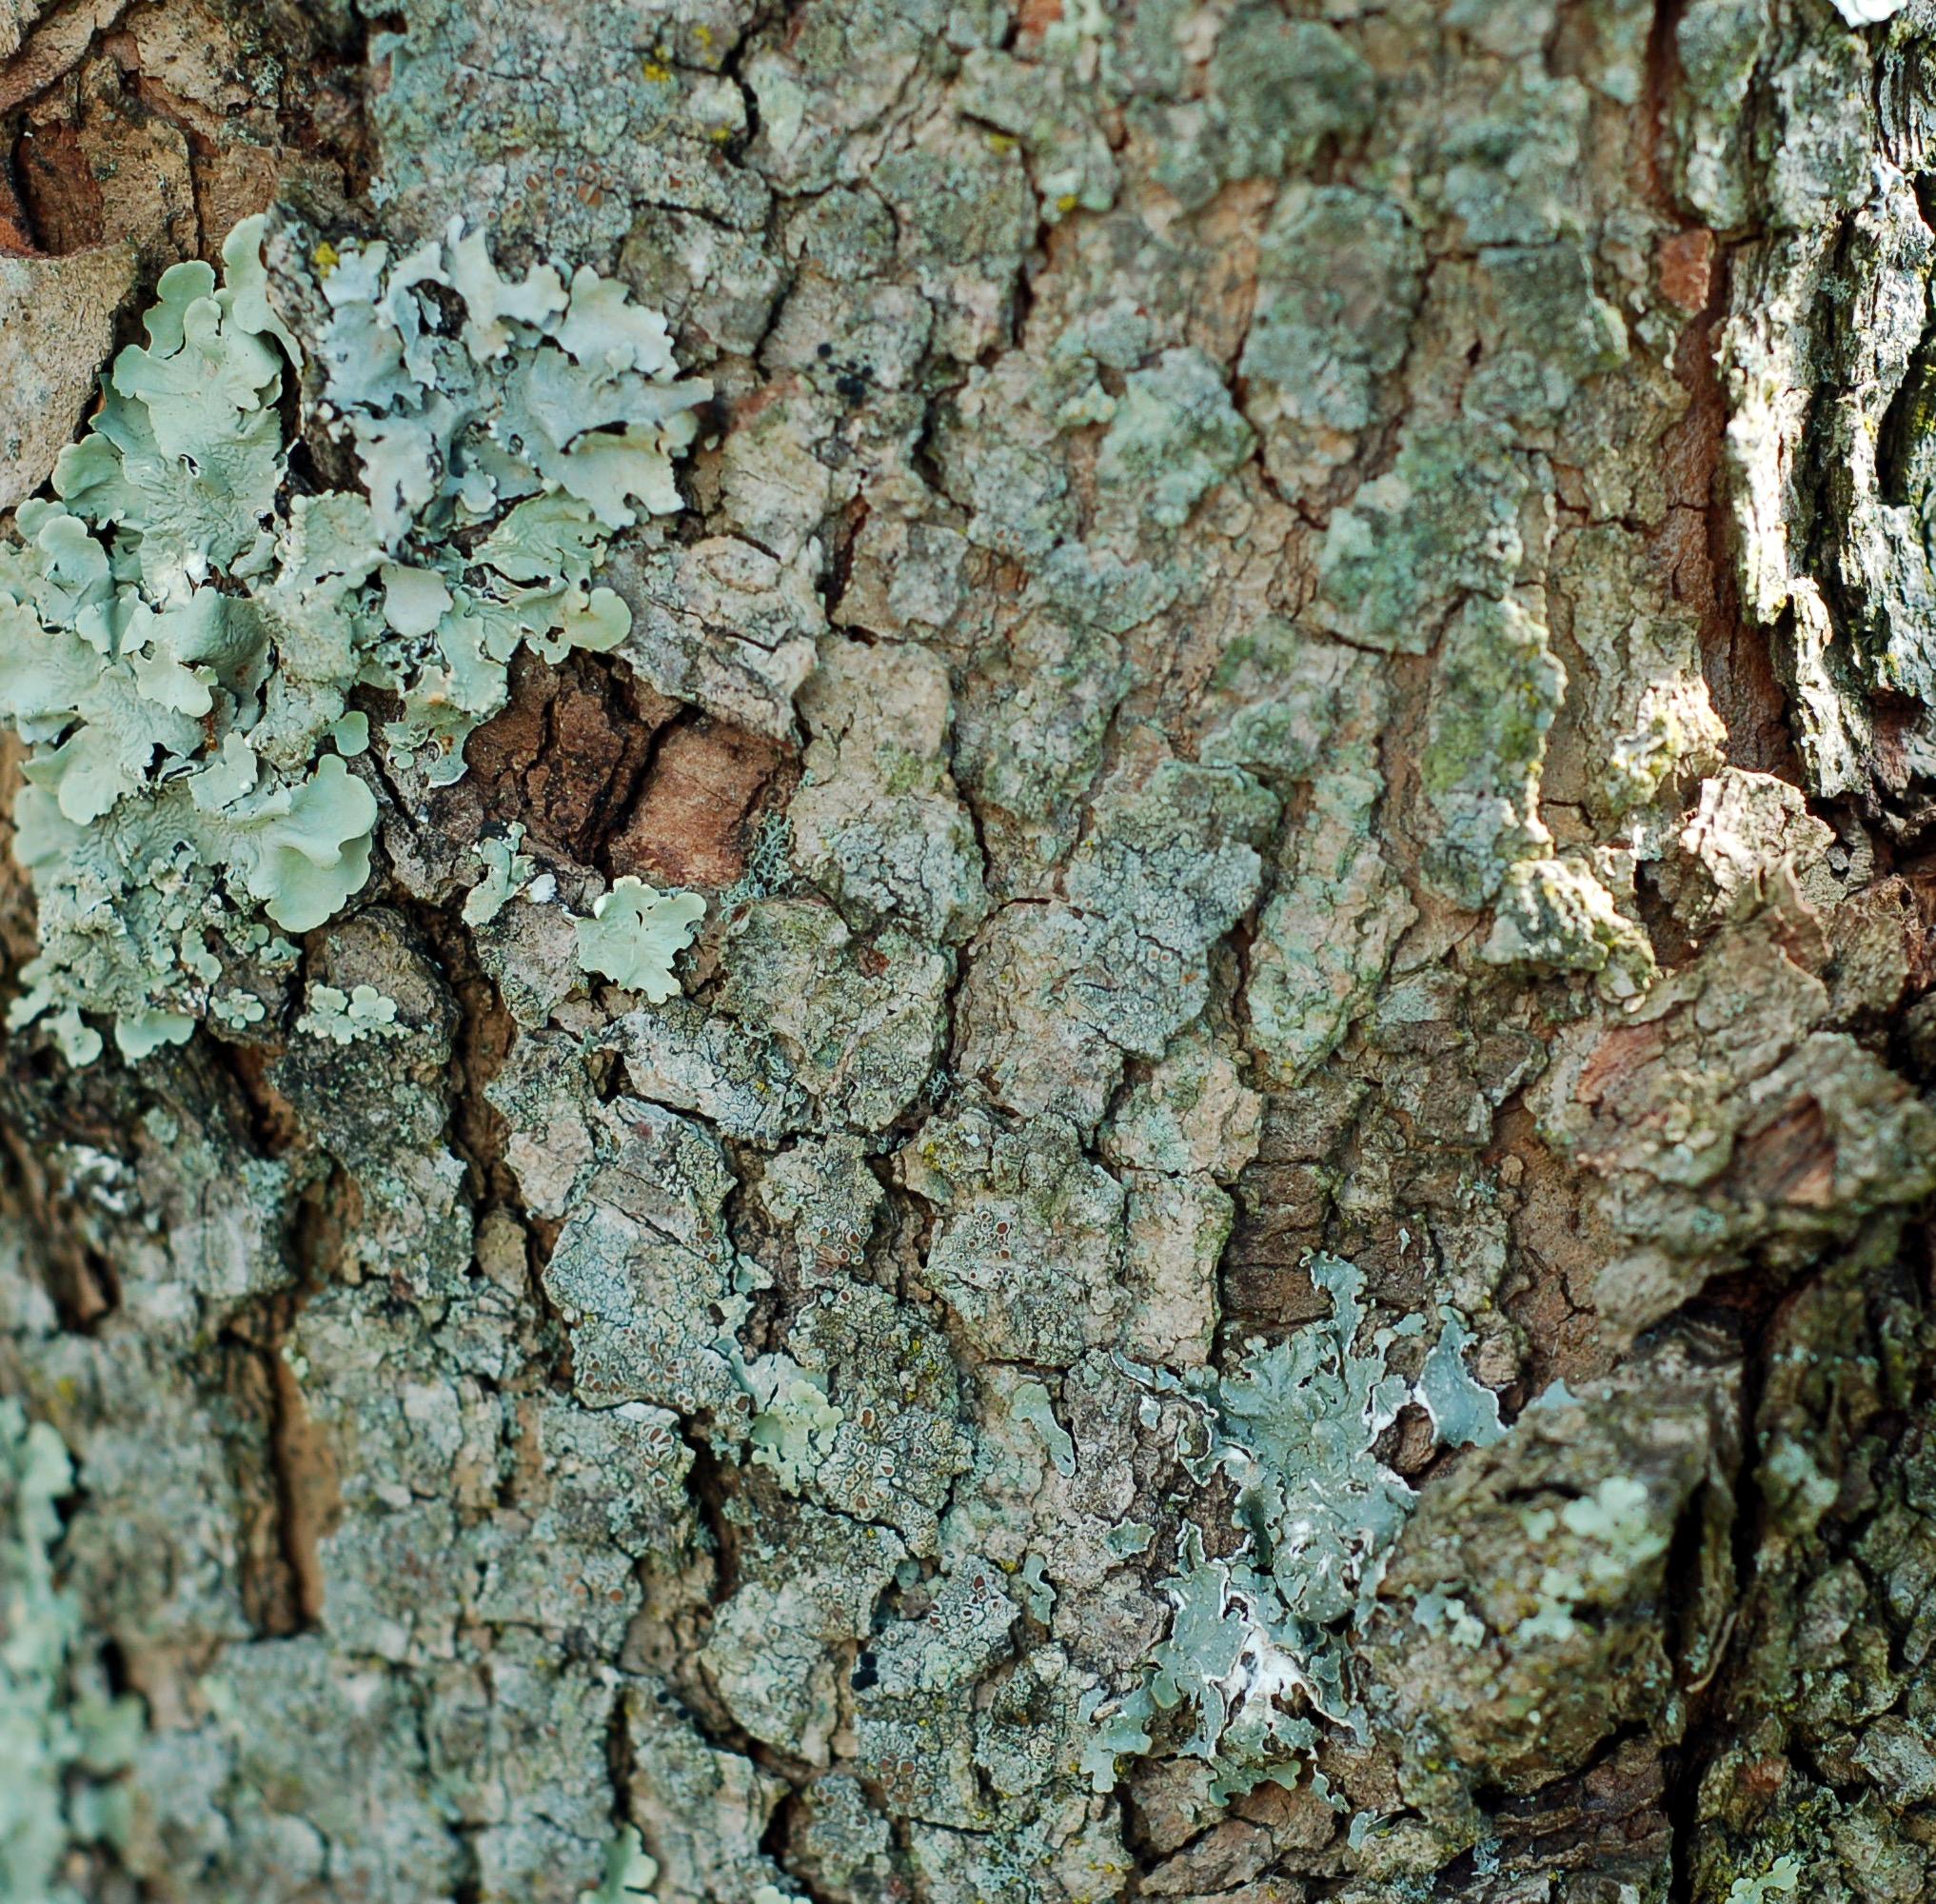 Dogwood bark and lichen